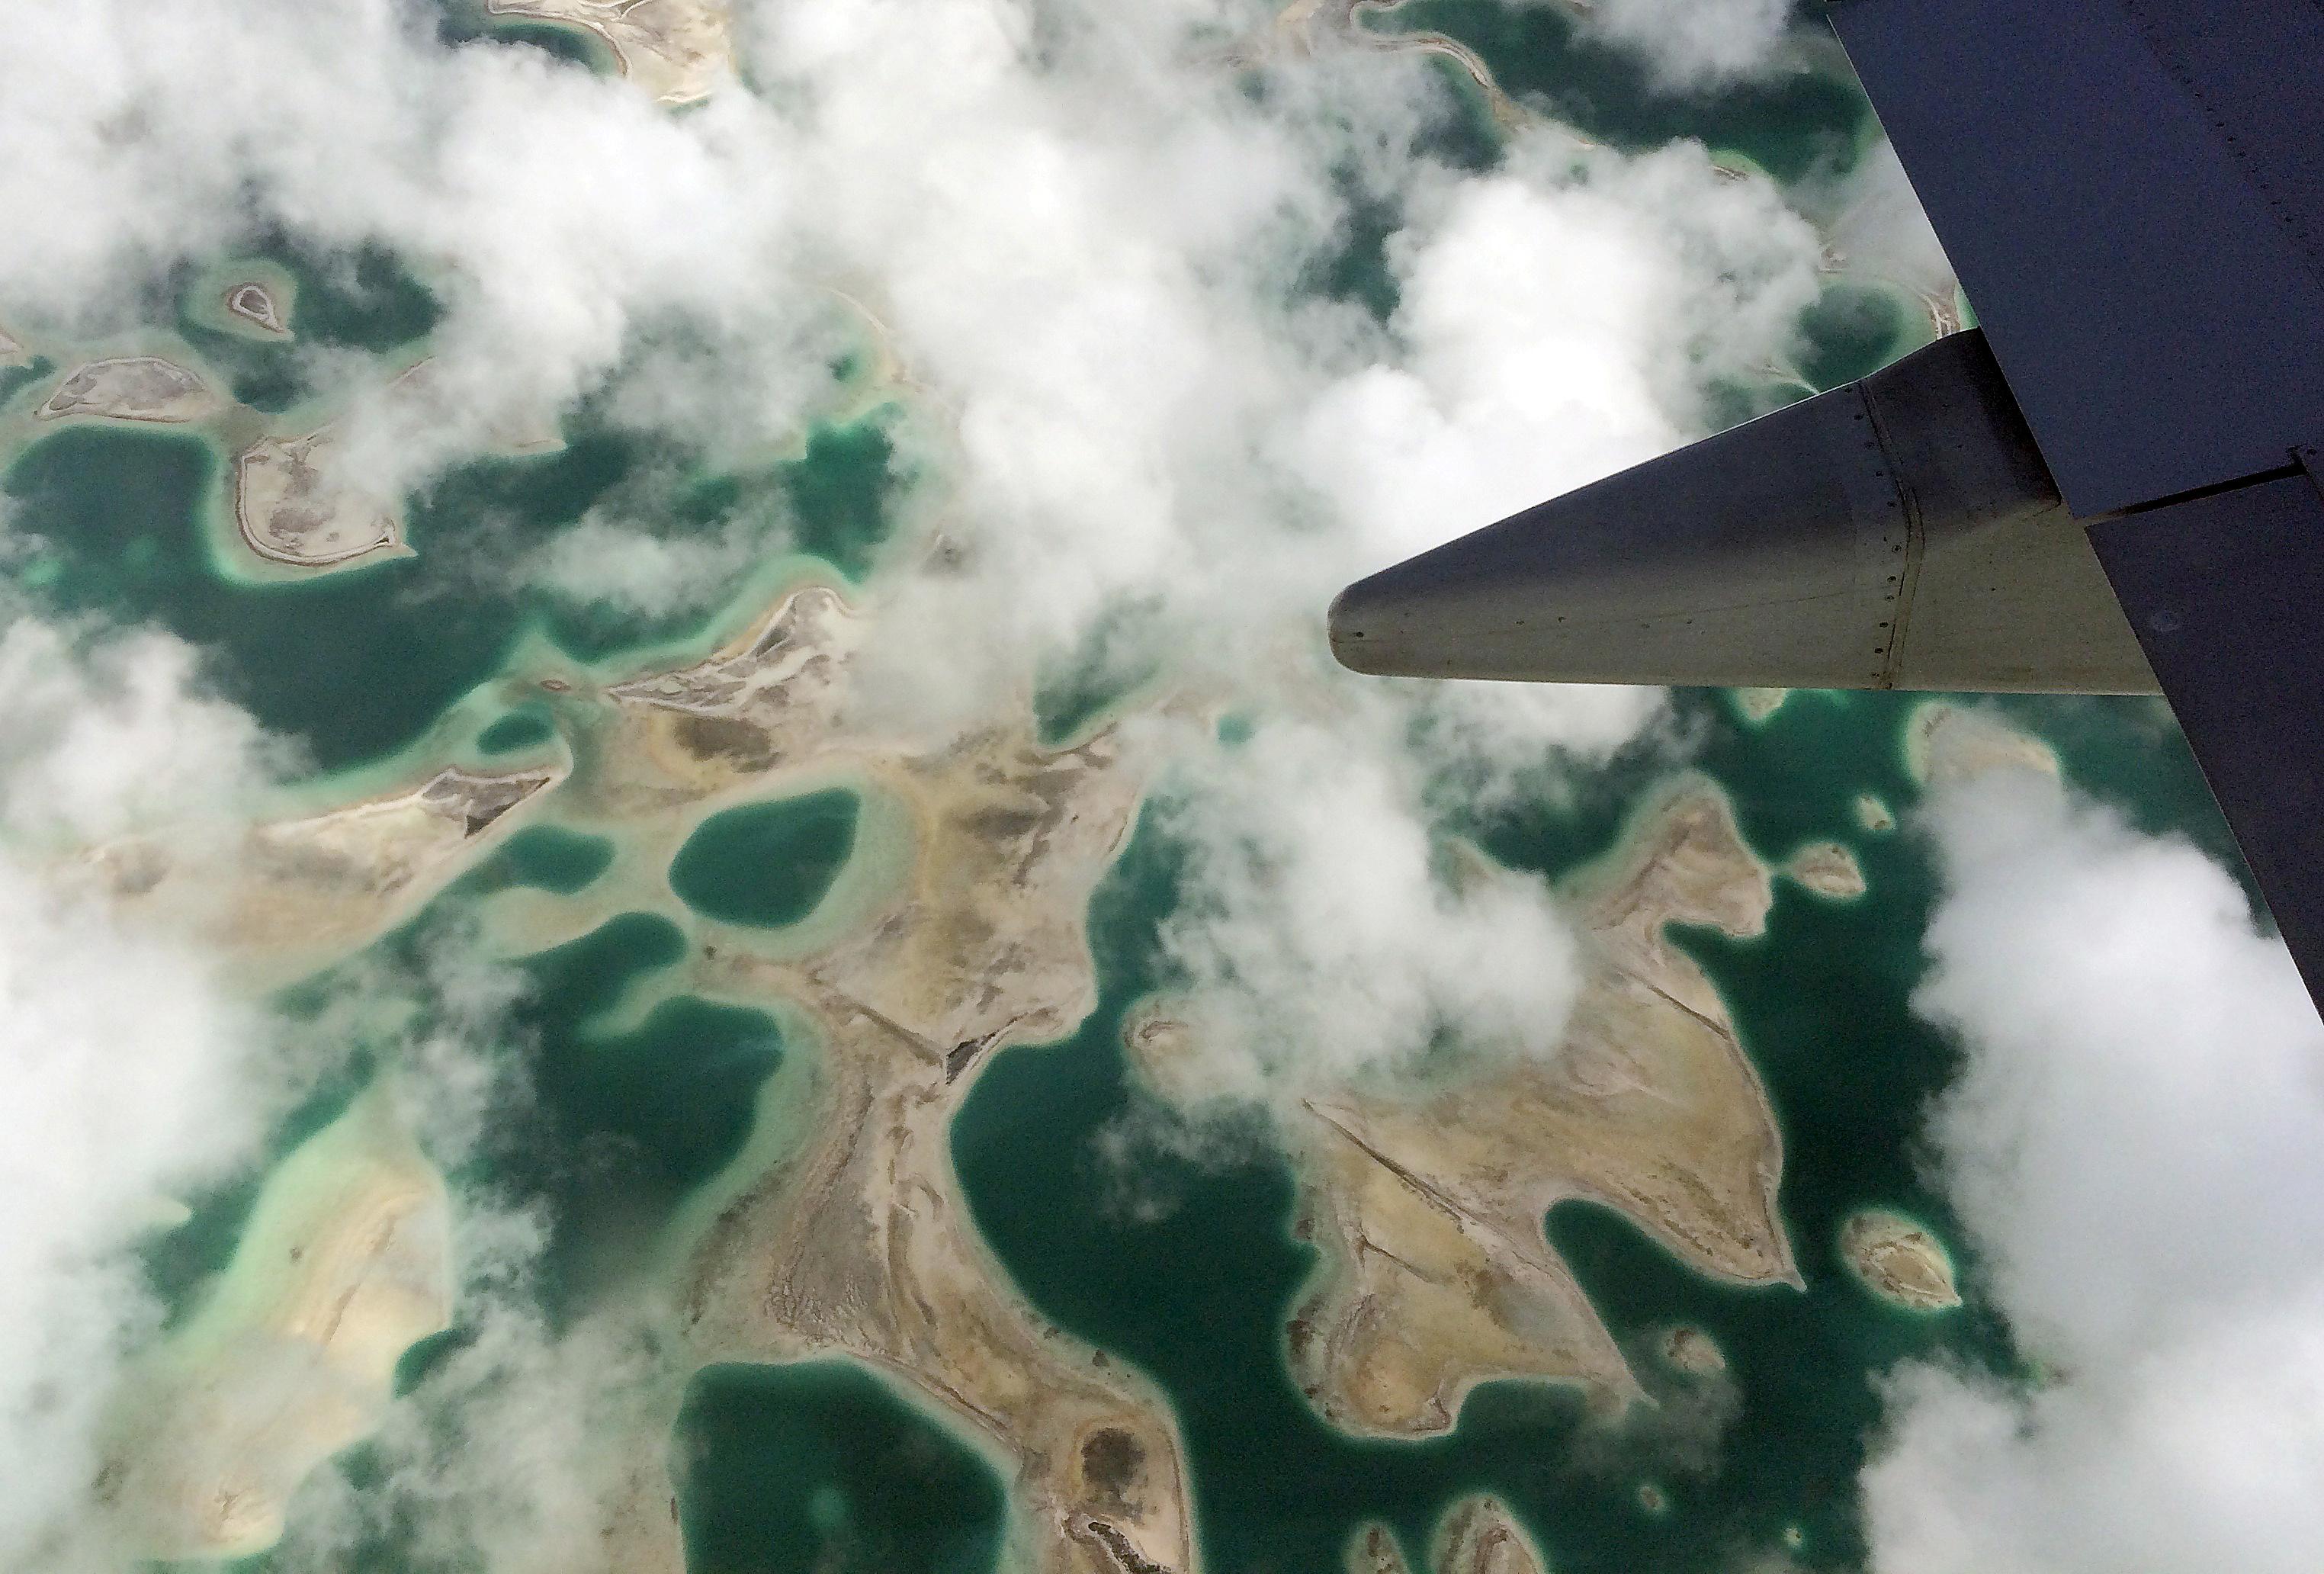 Kiribati cuts ties with Taiwan